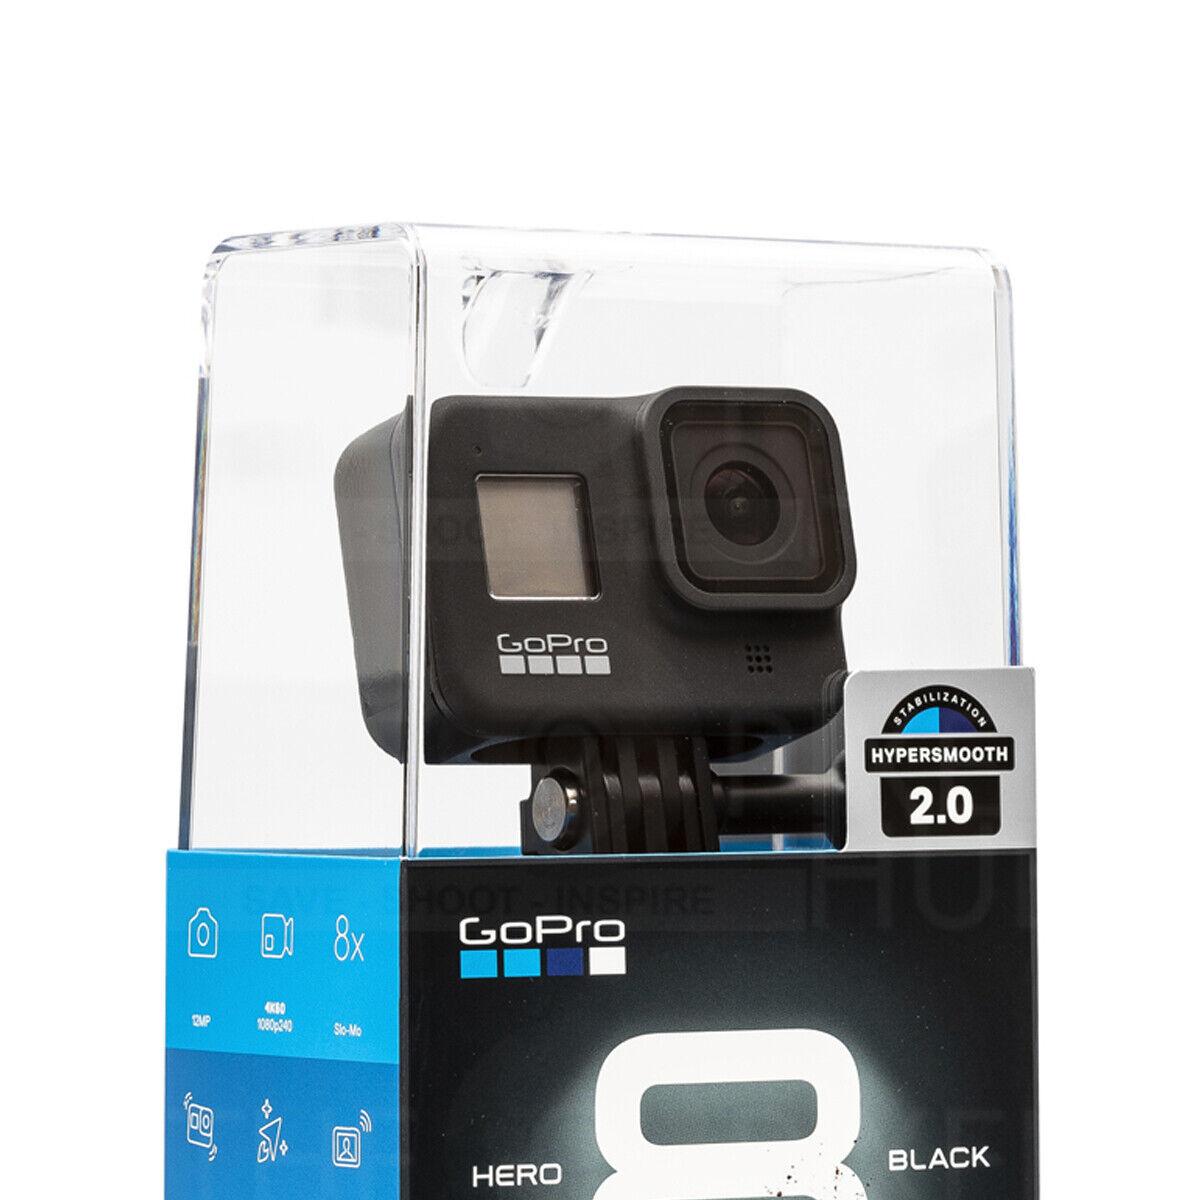 GoPro HERO8 4K Waterproof Action Camera Black - CHDHX-801 action black camera gopro hero8 waterproof